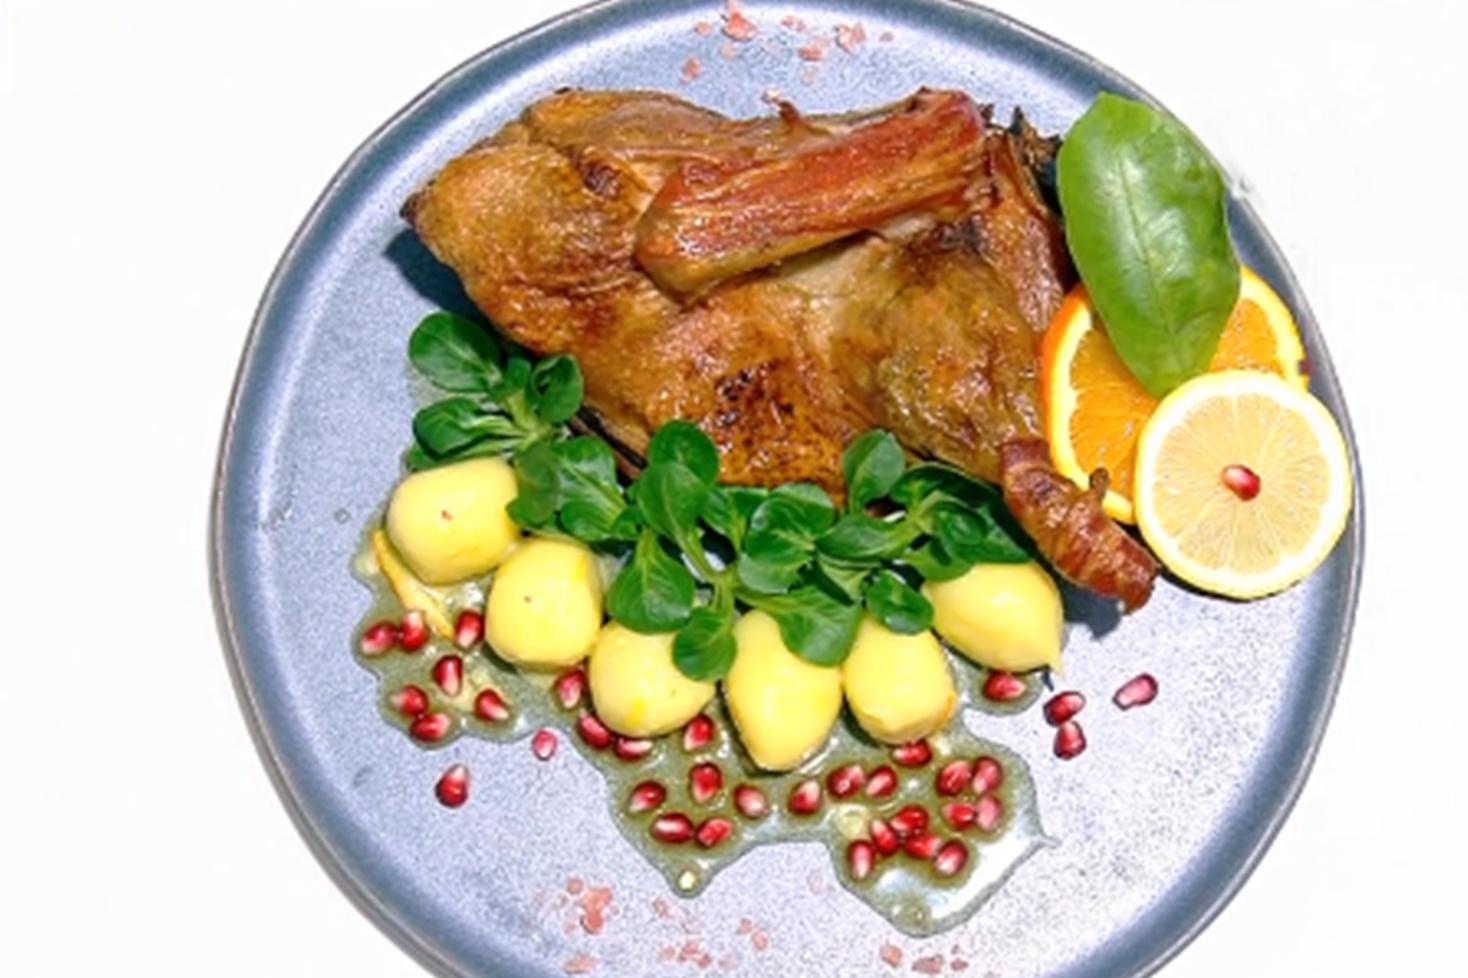 Rețetă de rață la cuptor umplută cu ceapă și portocale, preparată de Vlăduț la Neatza cu Răzvan și Dani